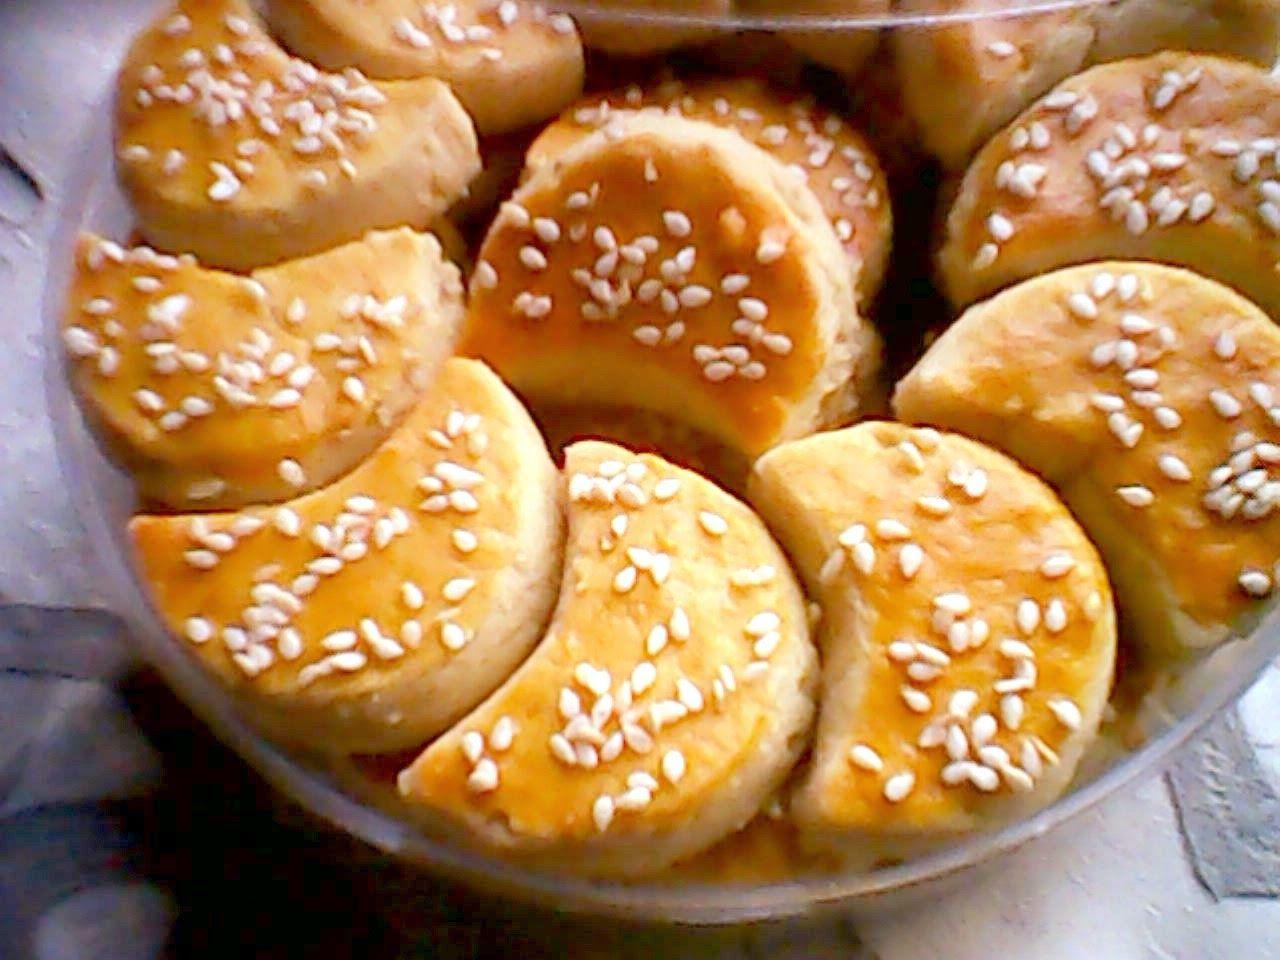 Kue Kering Kacang Resep Kue Kacang Tanah Renyah Nikmat